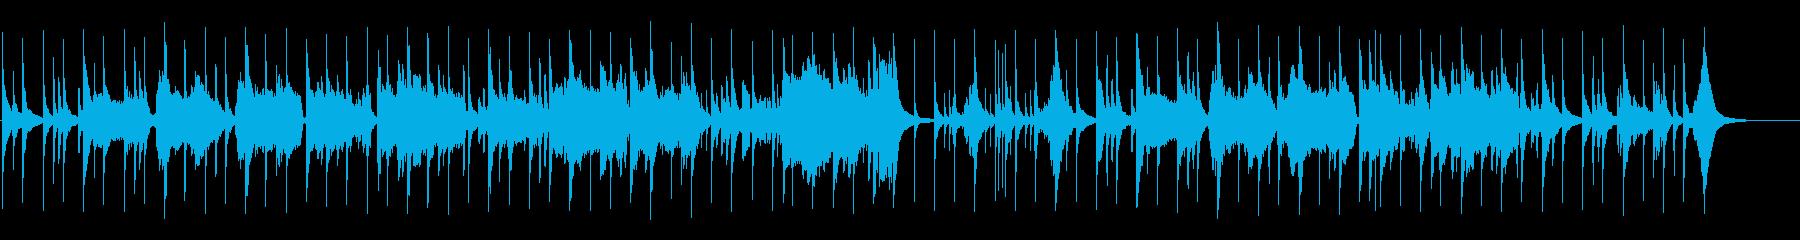 箏と尺八の純和風曲の再生済みの波形